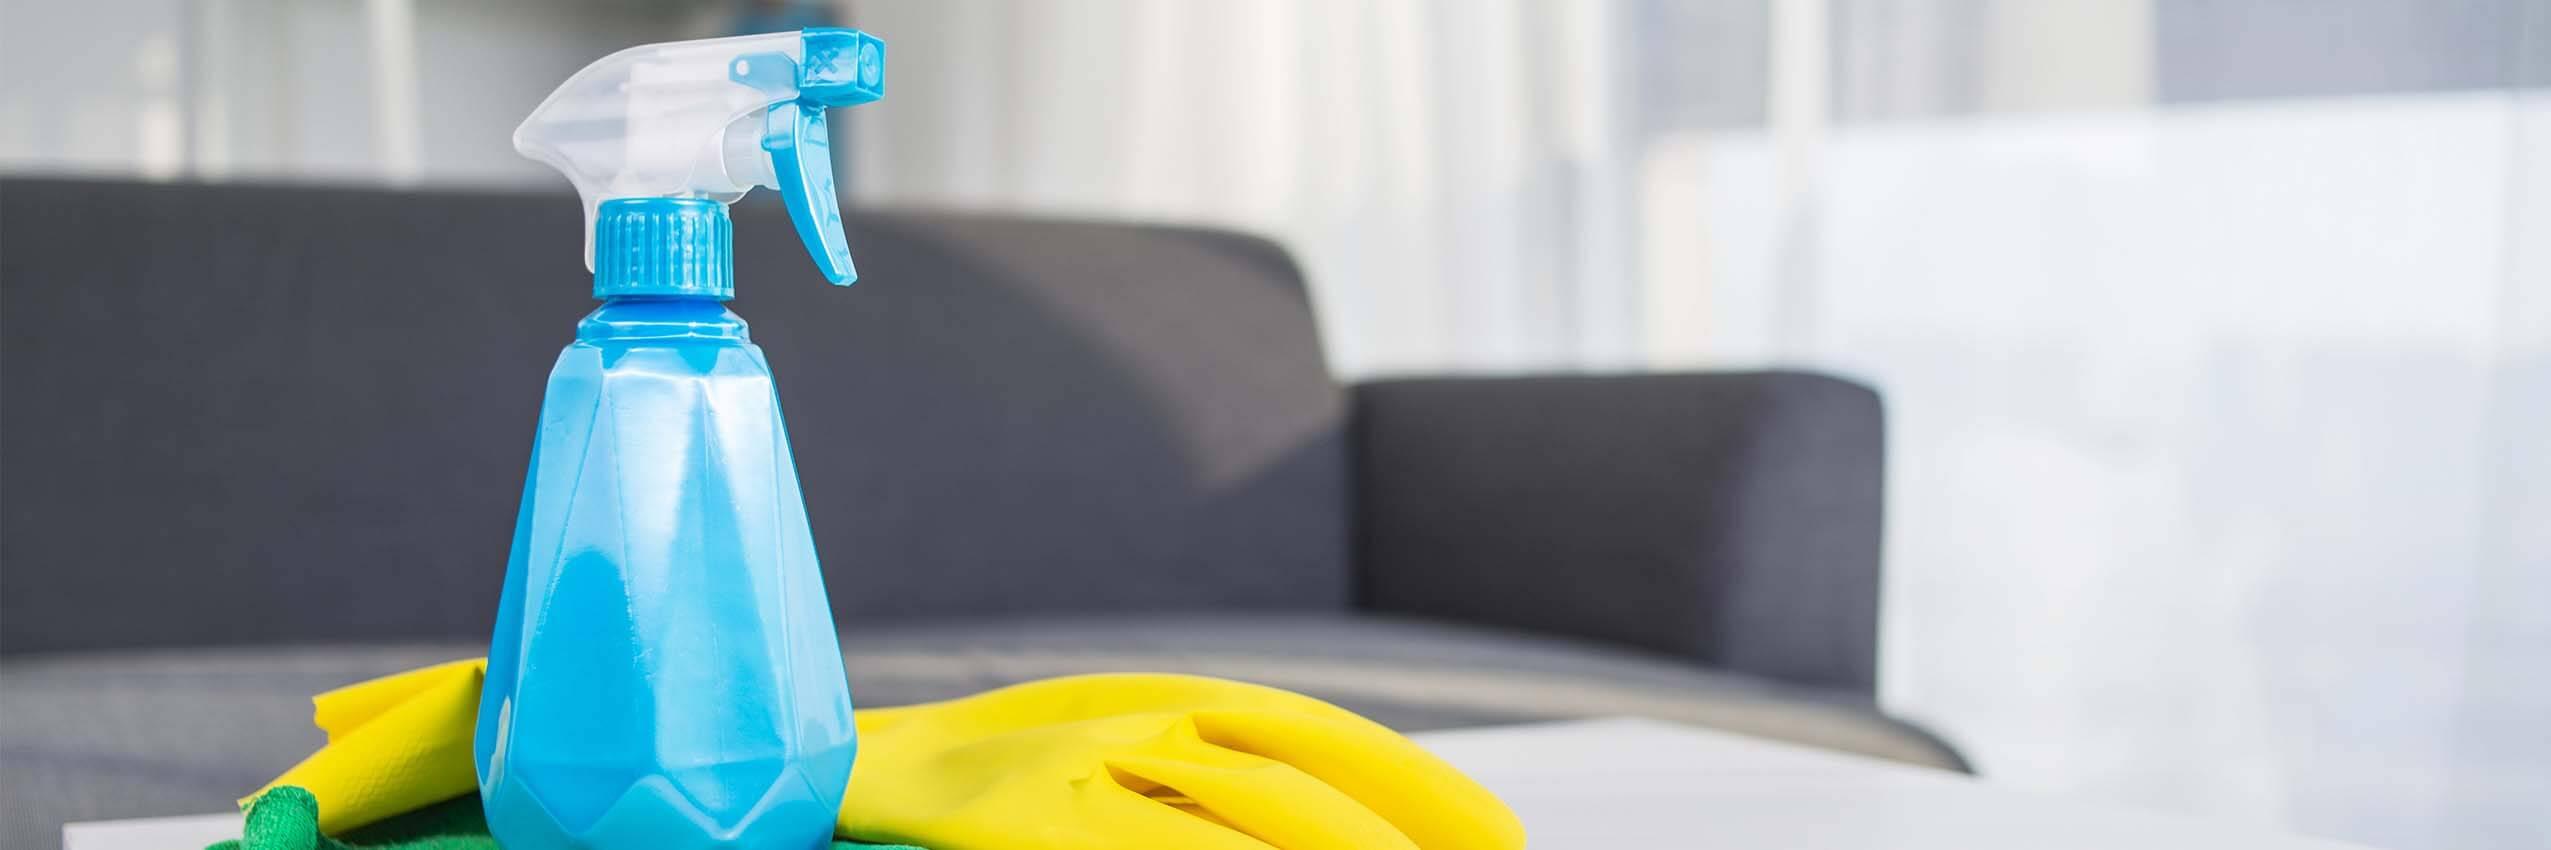 La importancia de utilizar productos de limpieza de calidad